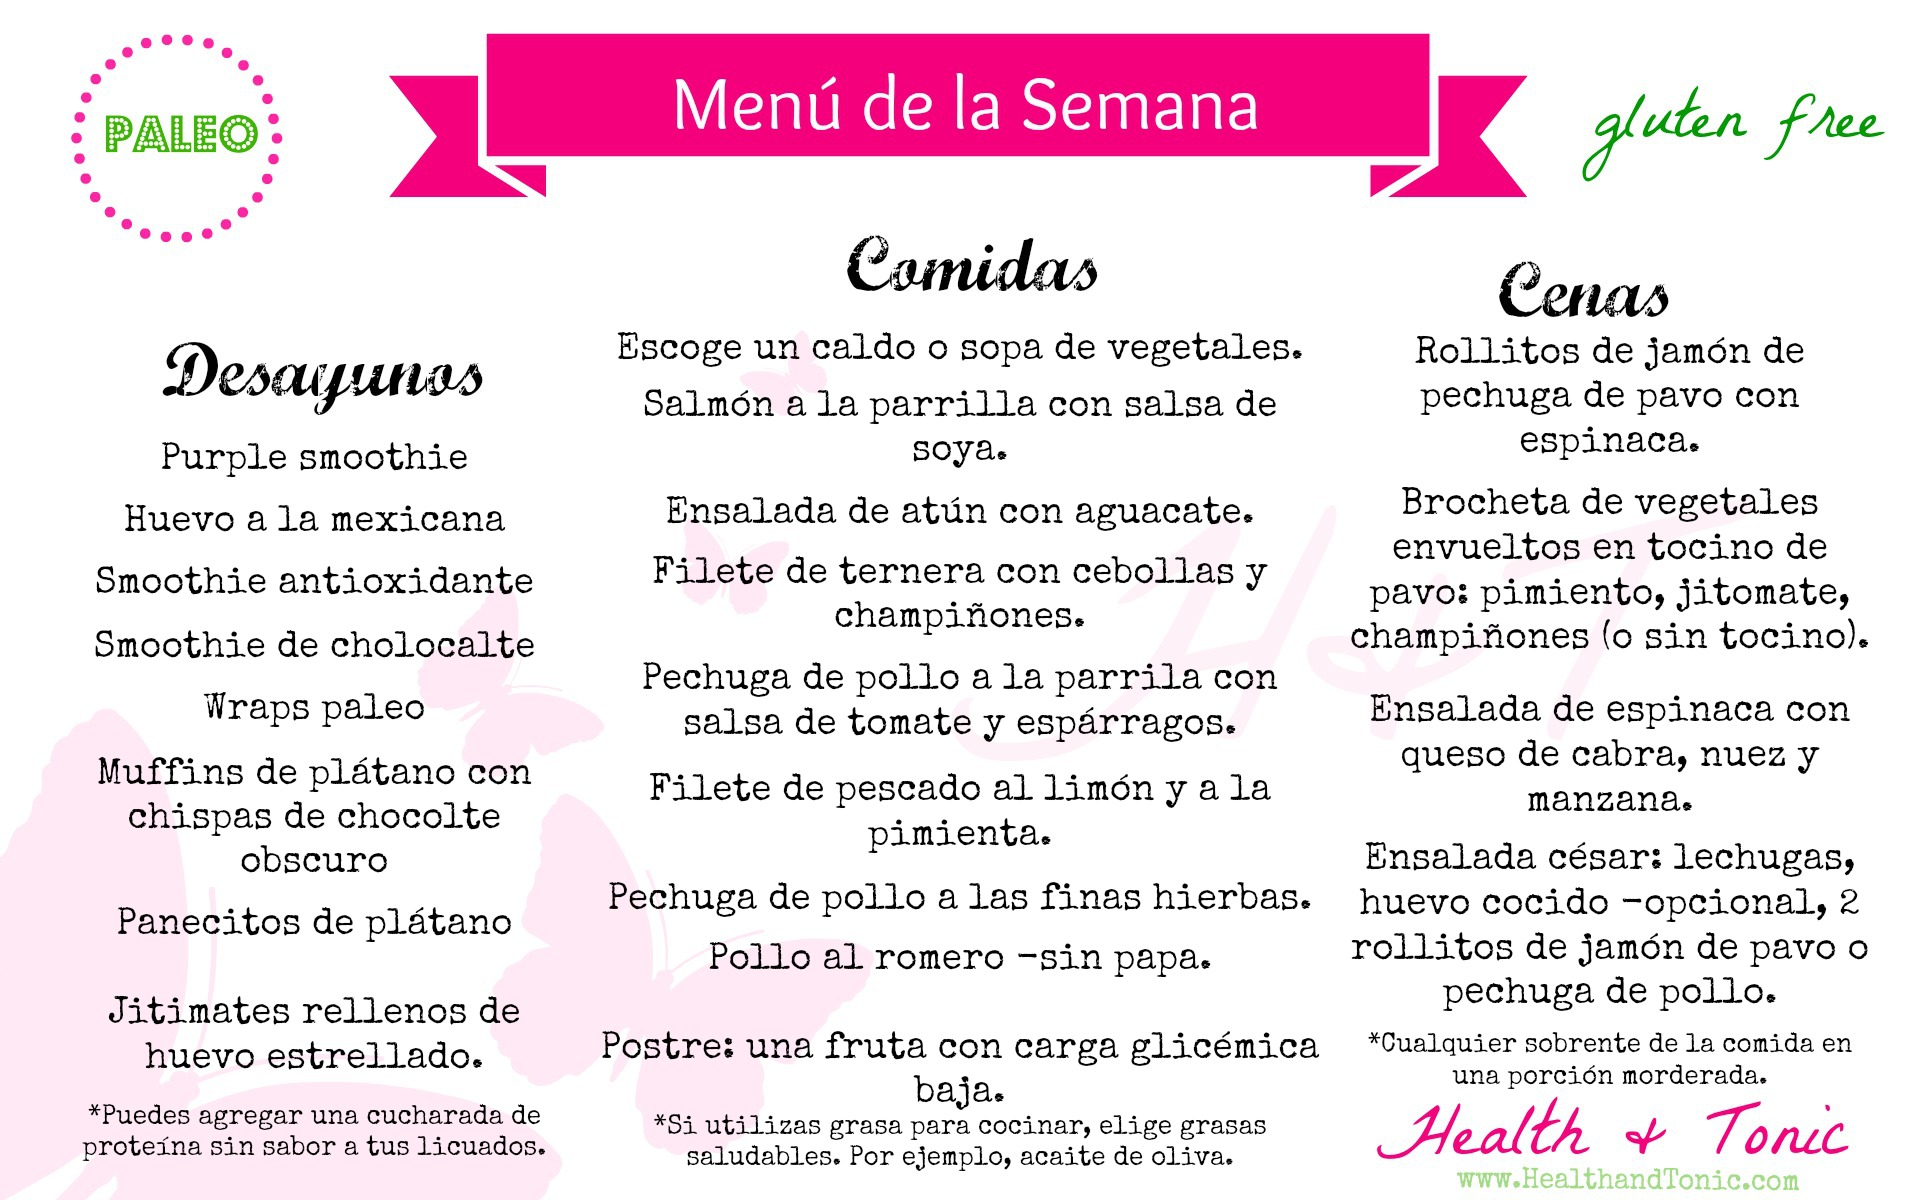 Dietas saludables menu for Menus faciles y sanos